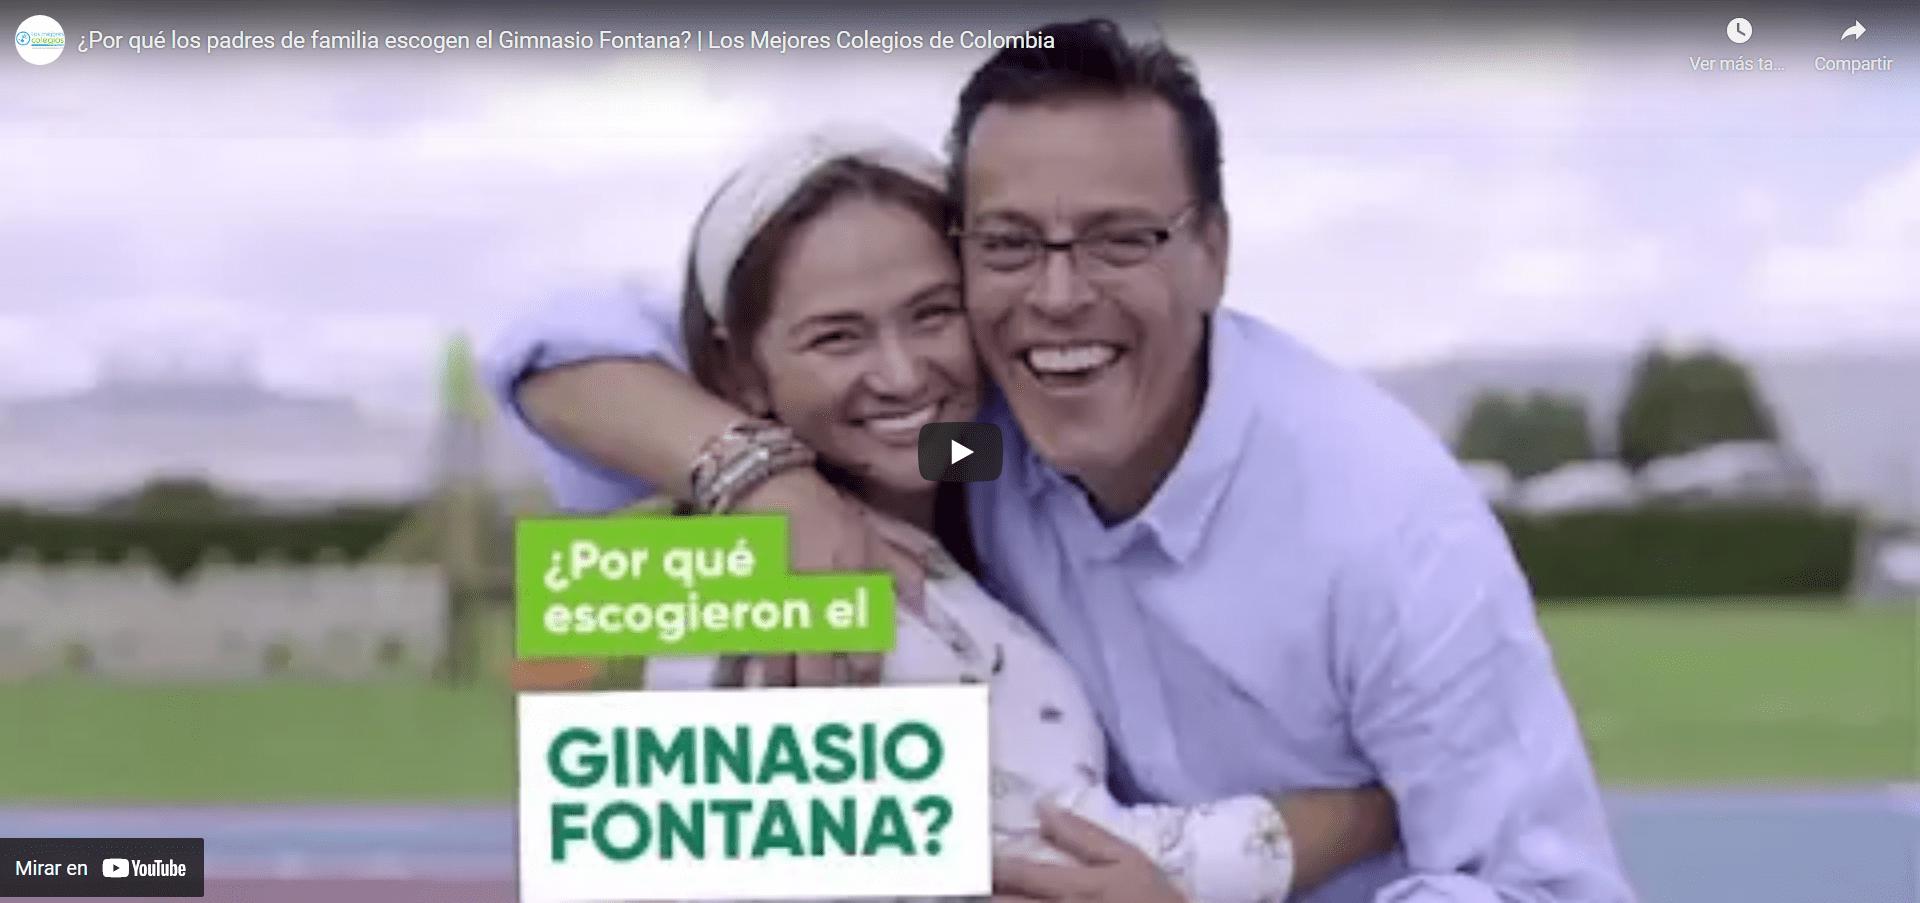 ¿Por qué los padres de familia escogen el Gimnasio Fontana?